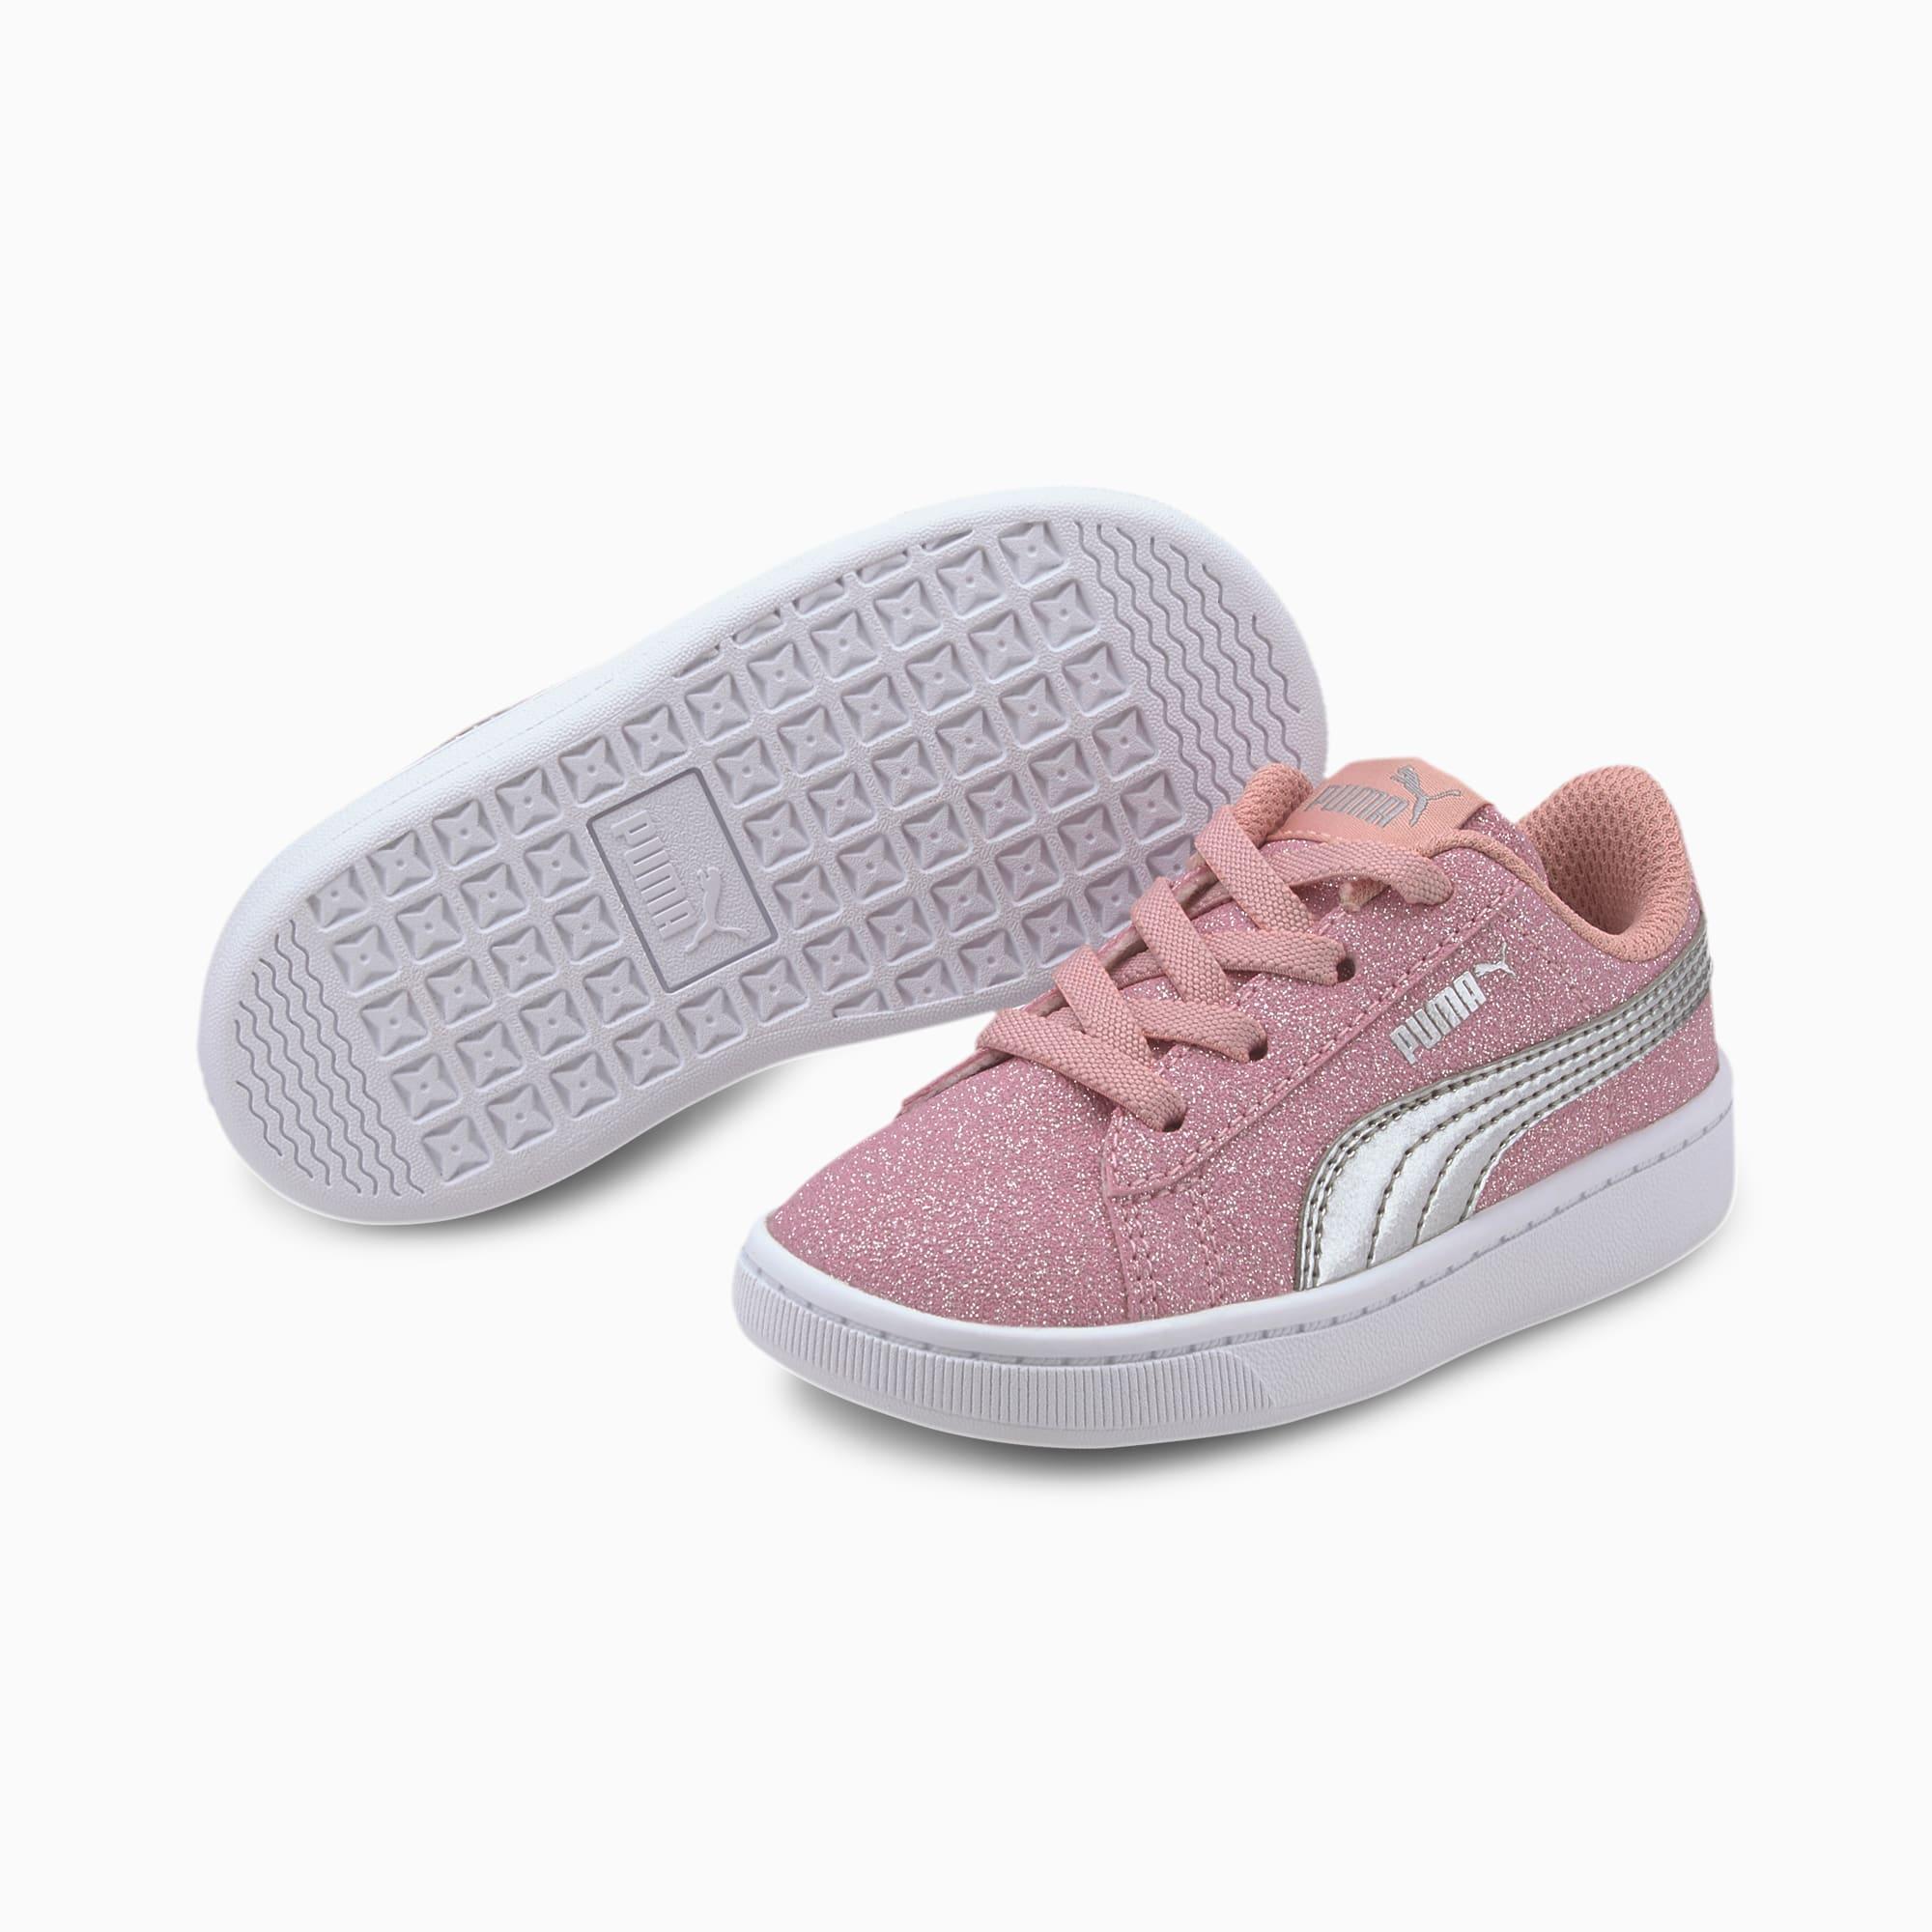 PUMA Vikky v2 Glitz AC Sneakers INF